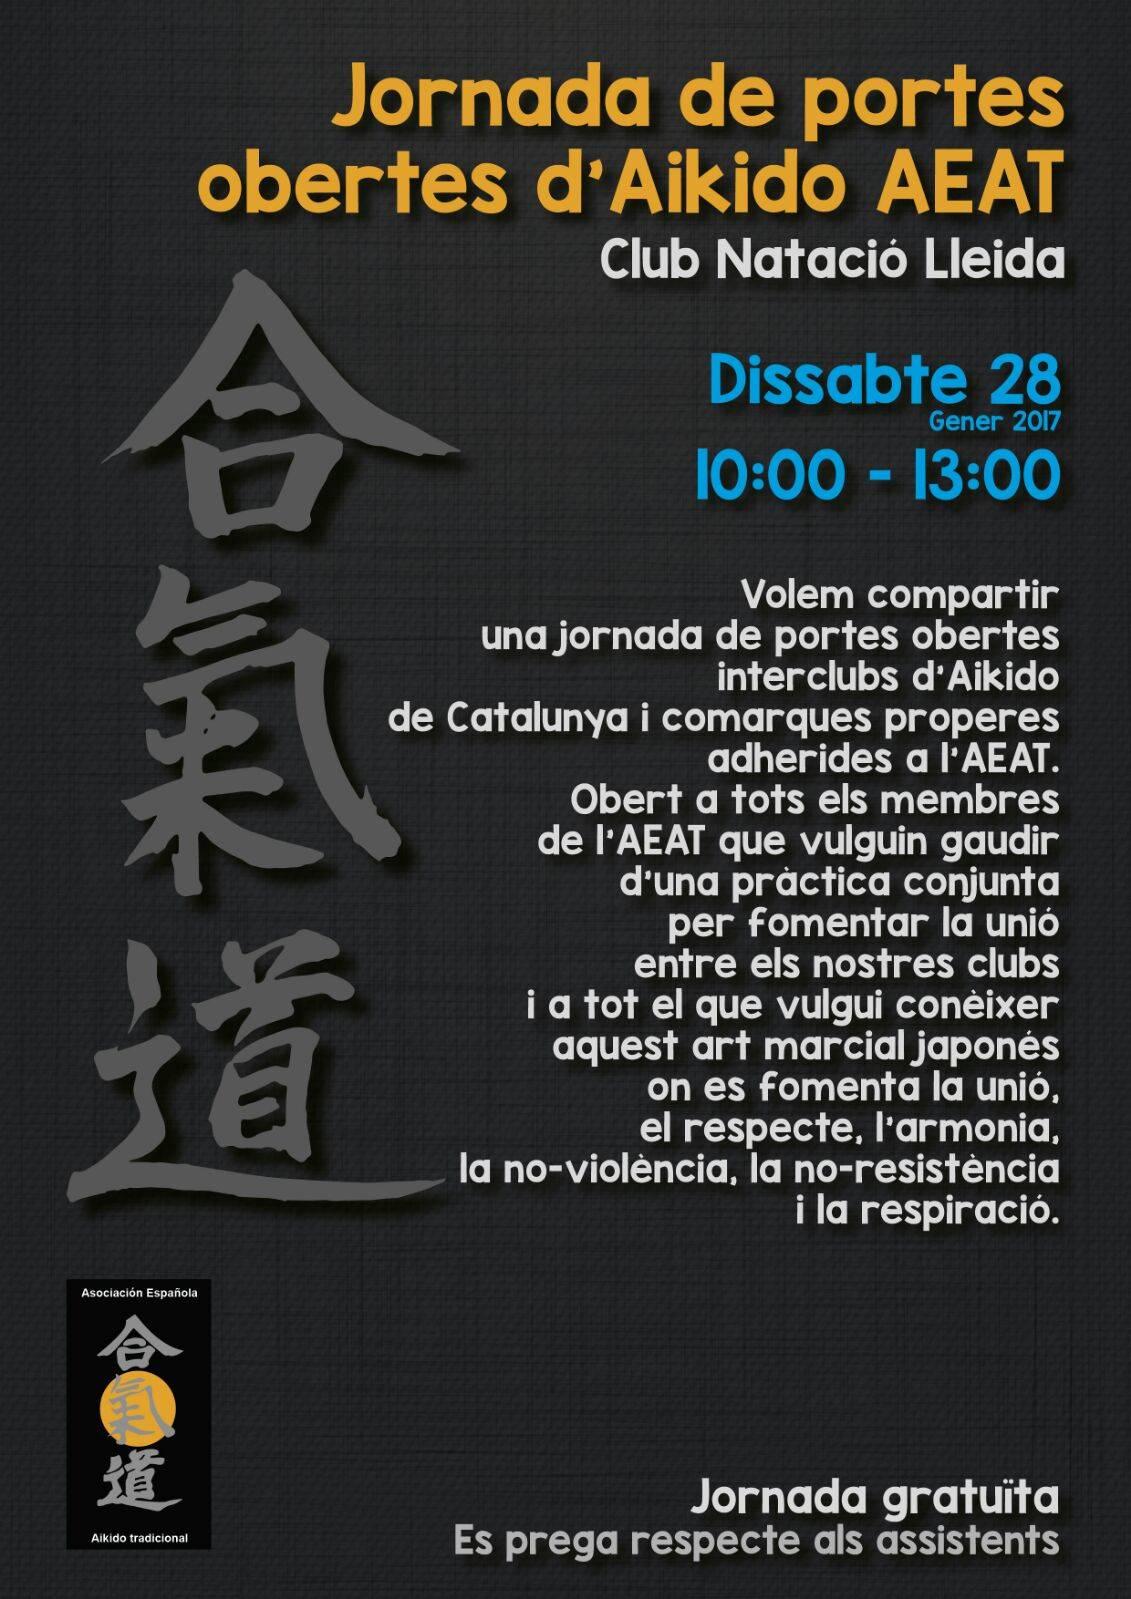 Jornada de portes obertes d'Aikido al Club Natació Lleida